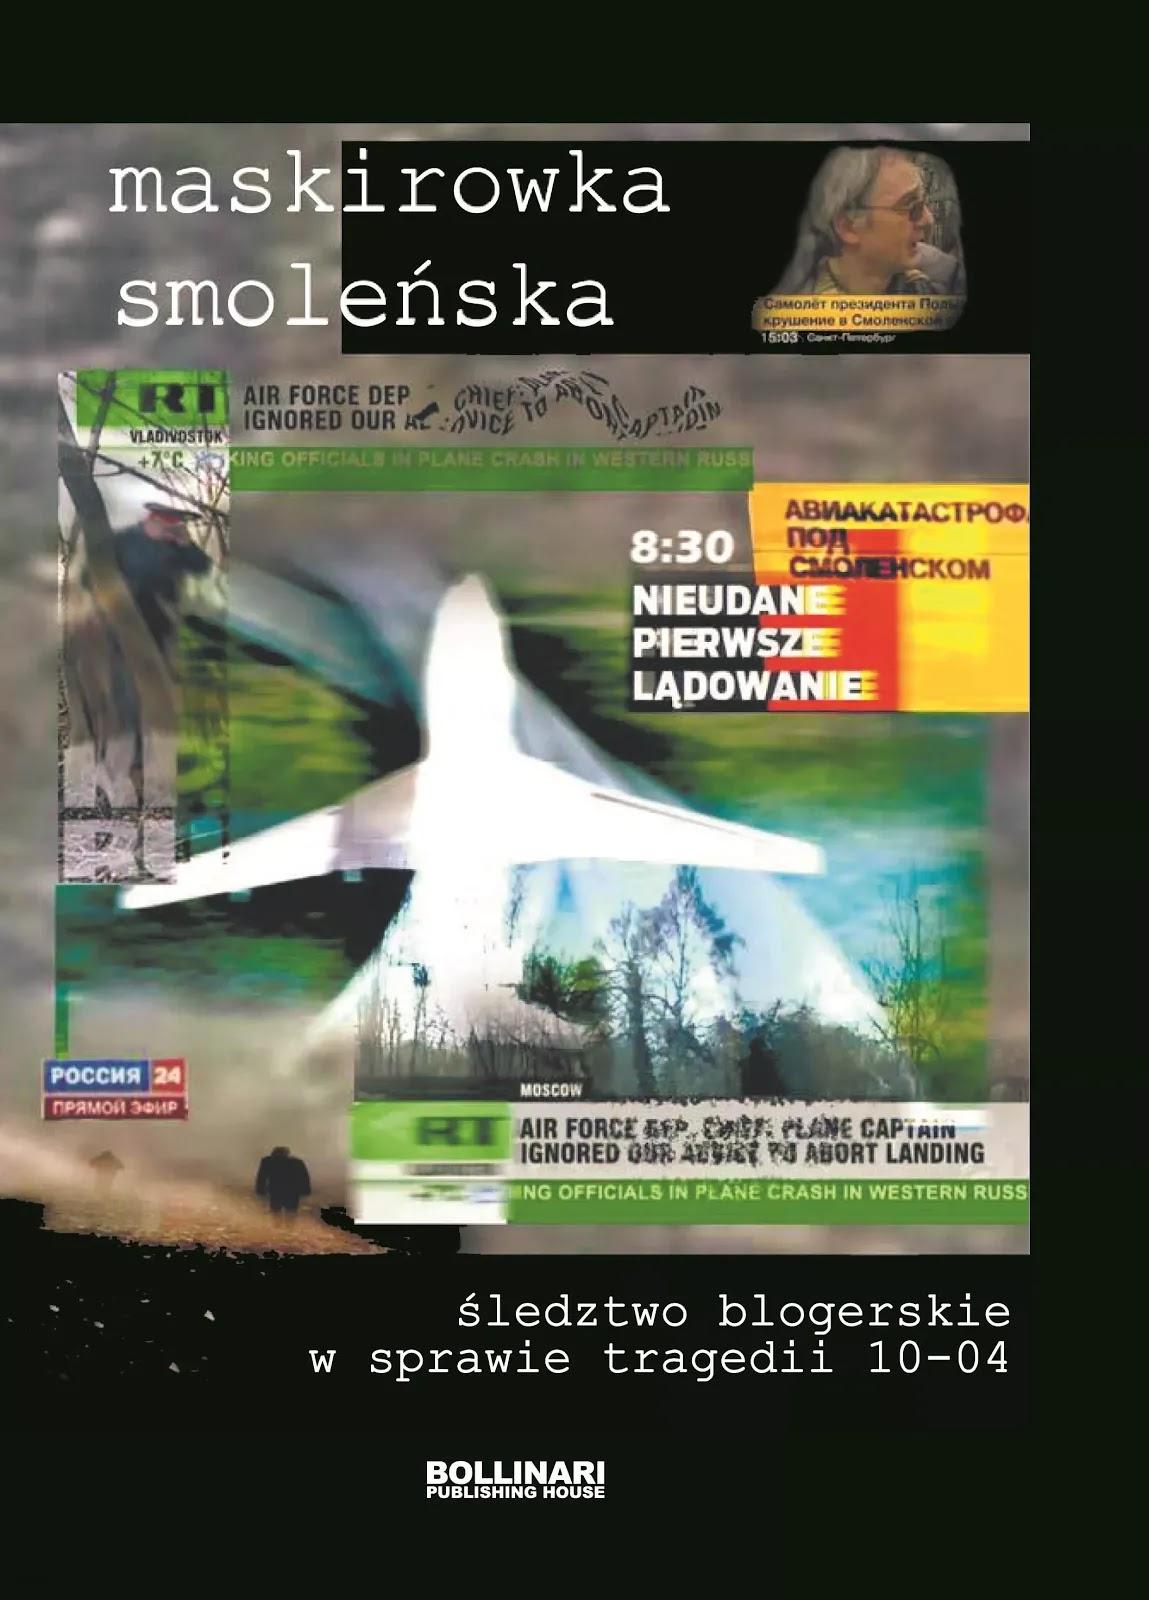 Maskirowka smoleńska - wyniki śledztwa blogerskiego